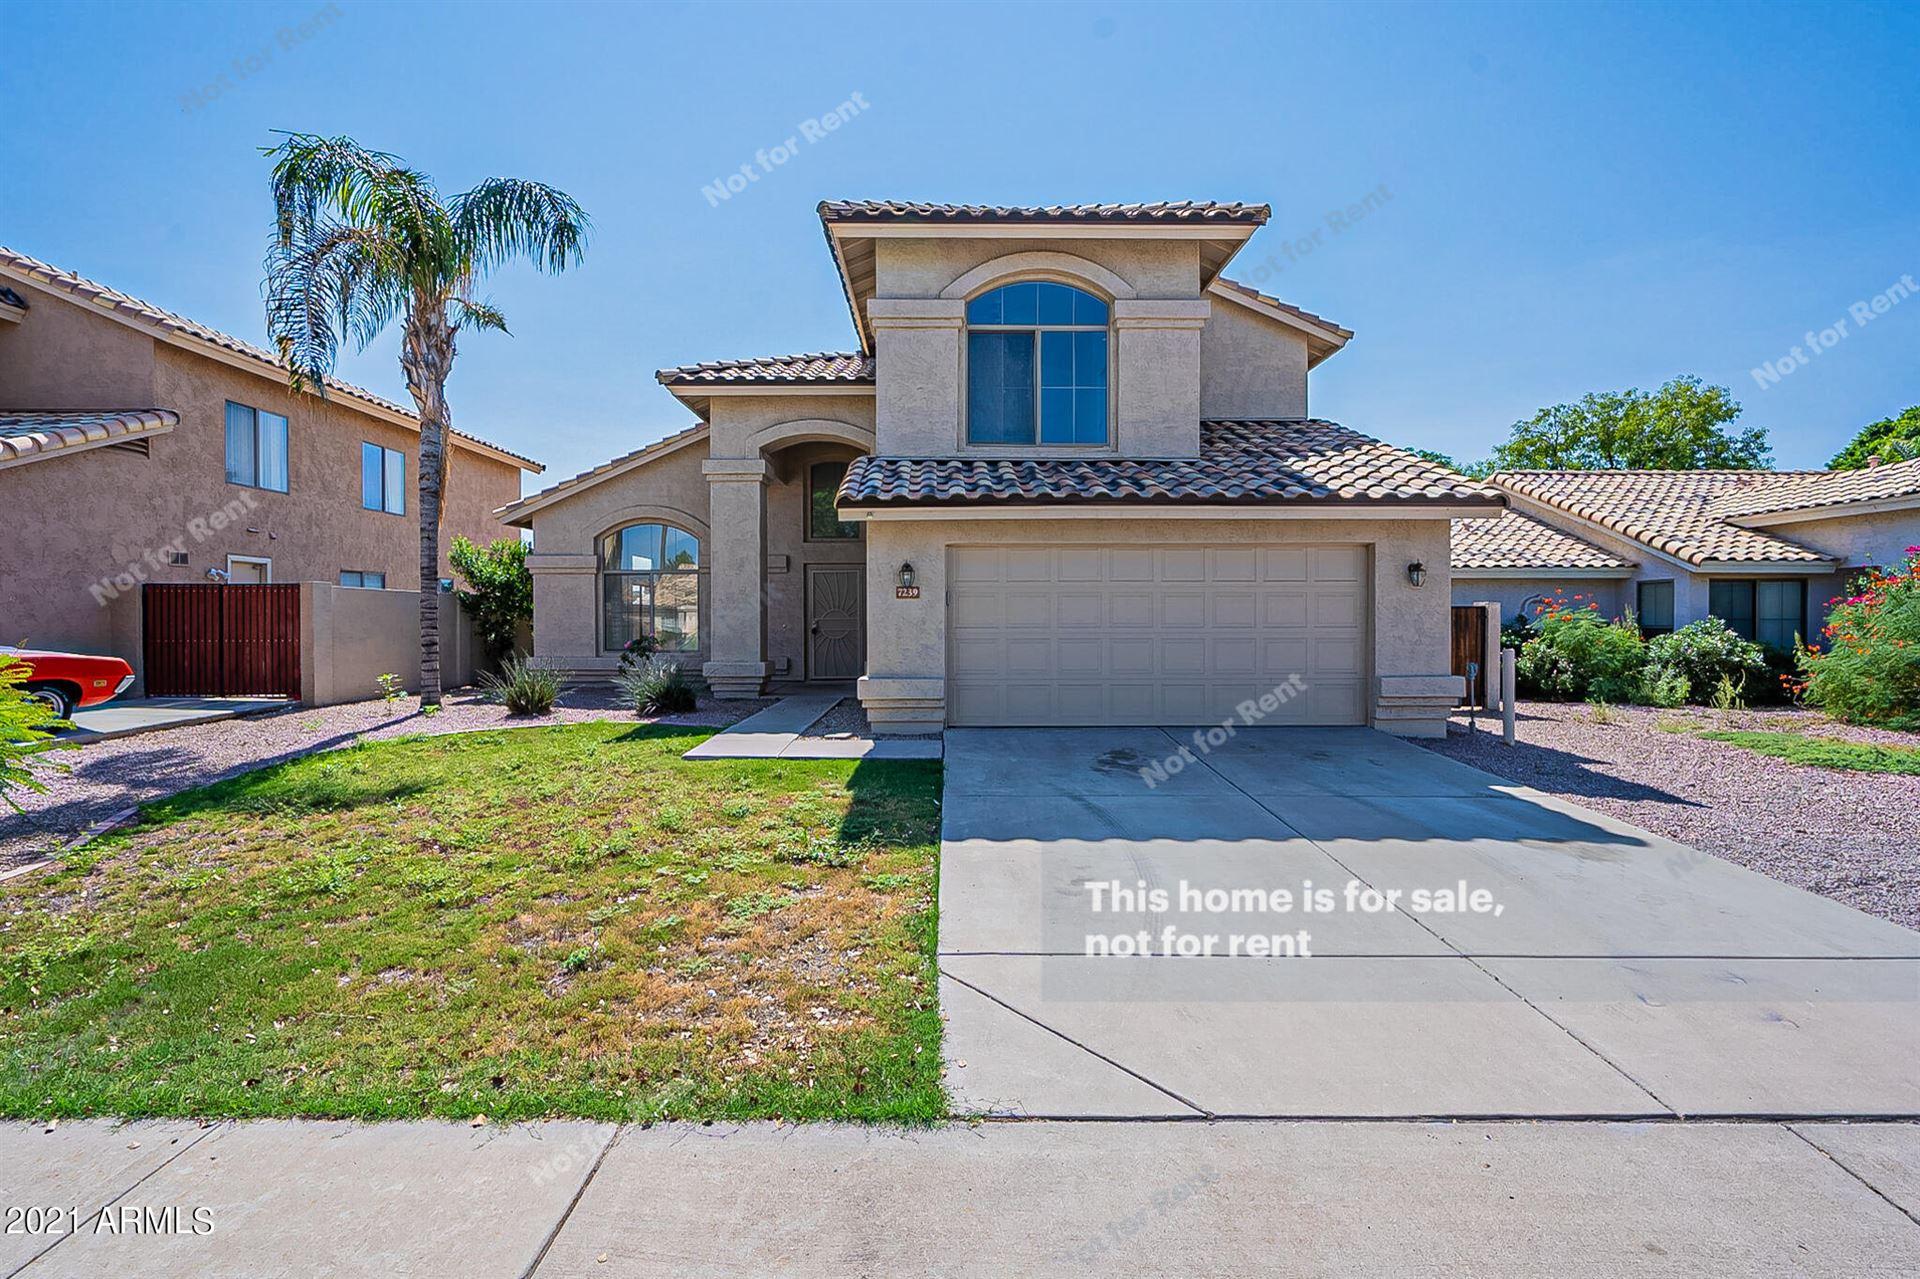 7239 E MADERO Avenue, Mesa, AZ 85209 - #: 6301746